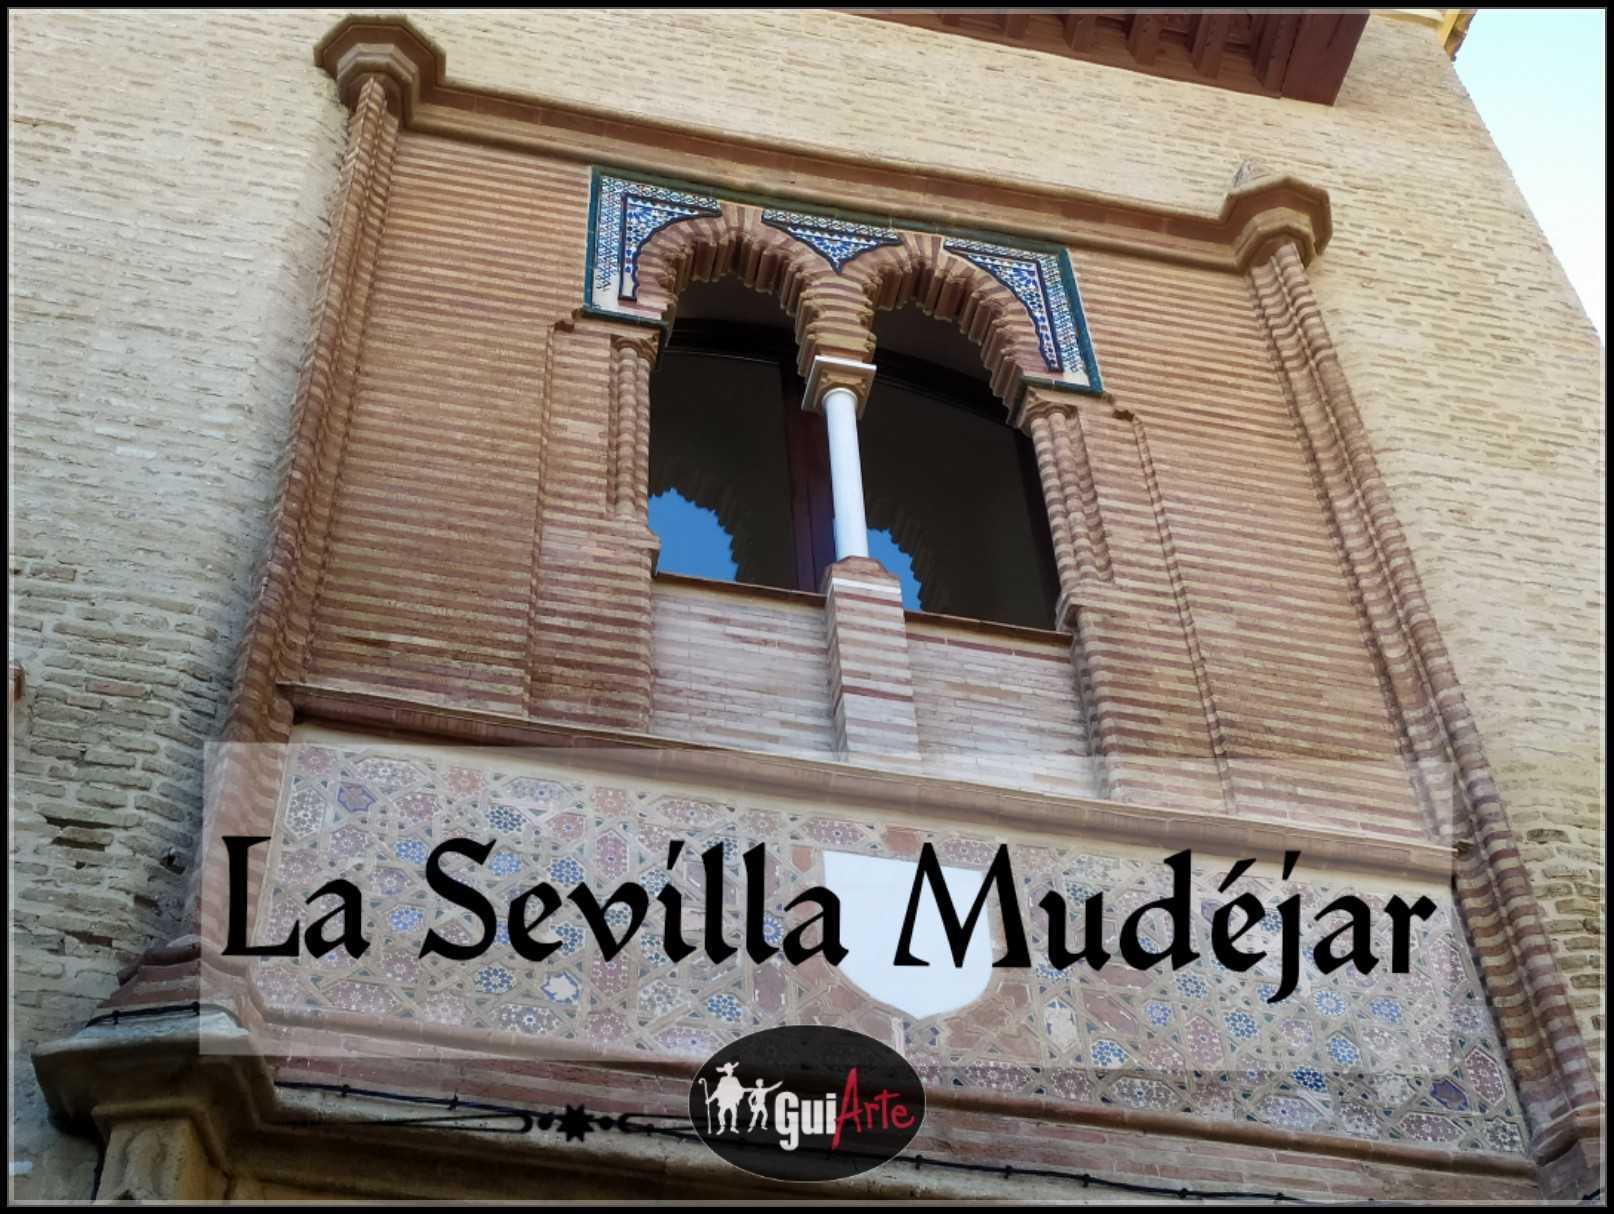 La Sevilla Mudéjar